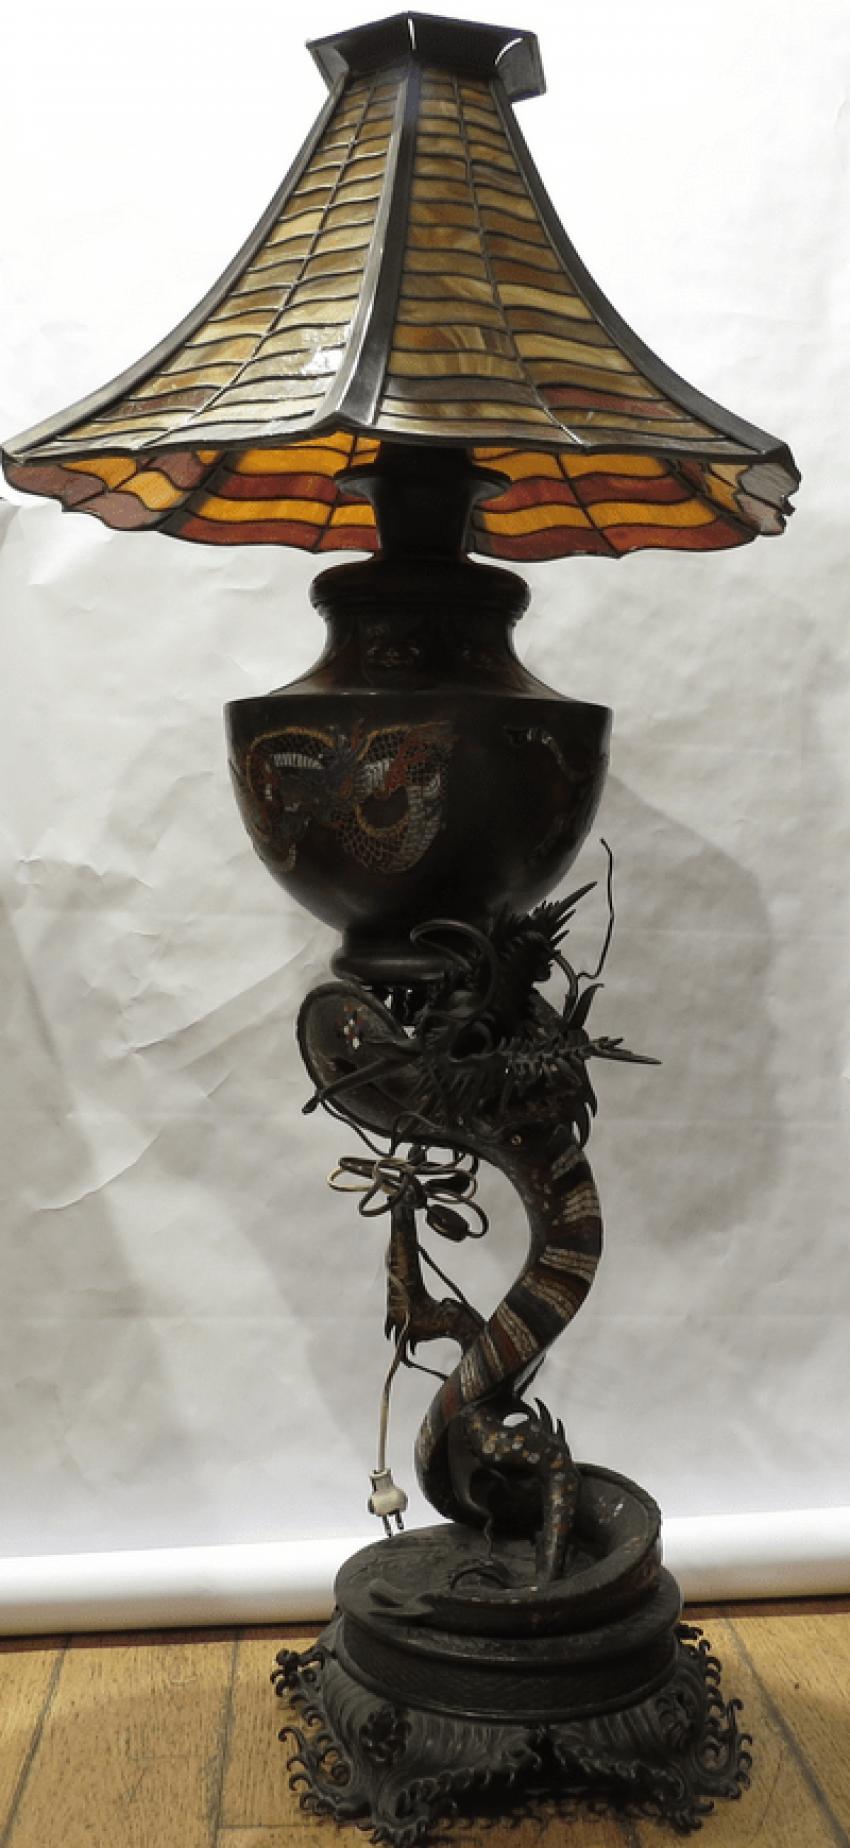 Outdoor лампа18 century - photo 1